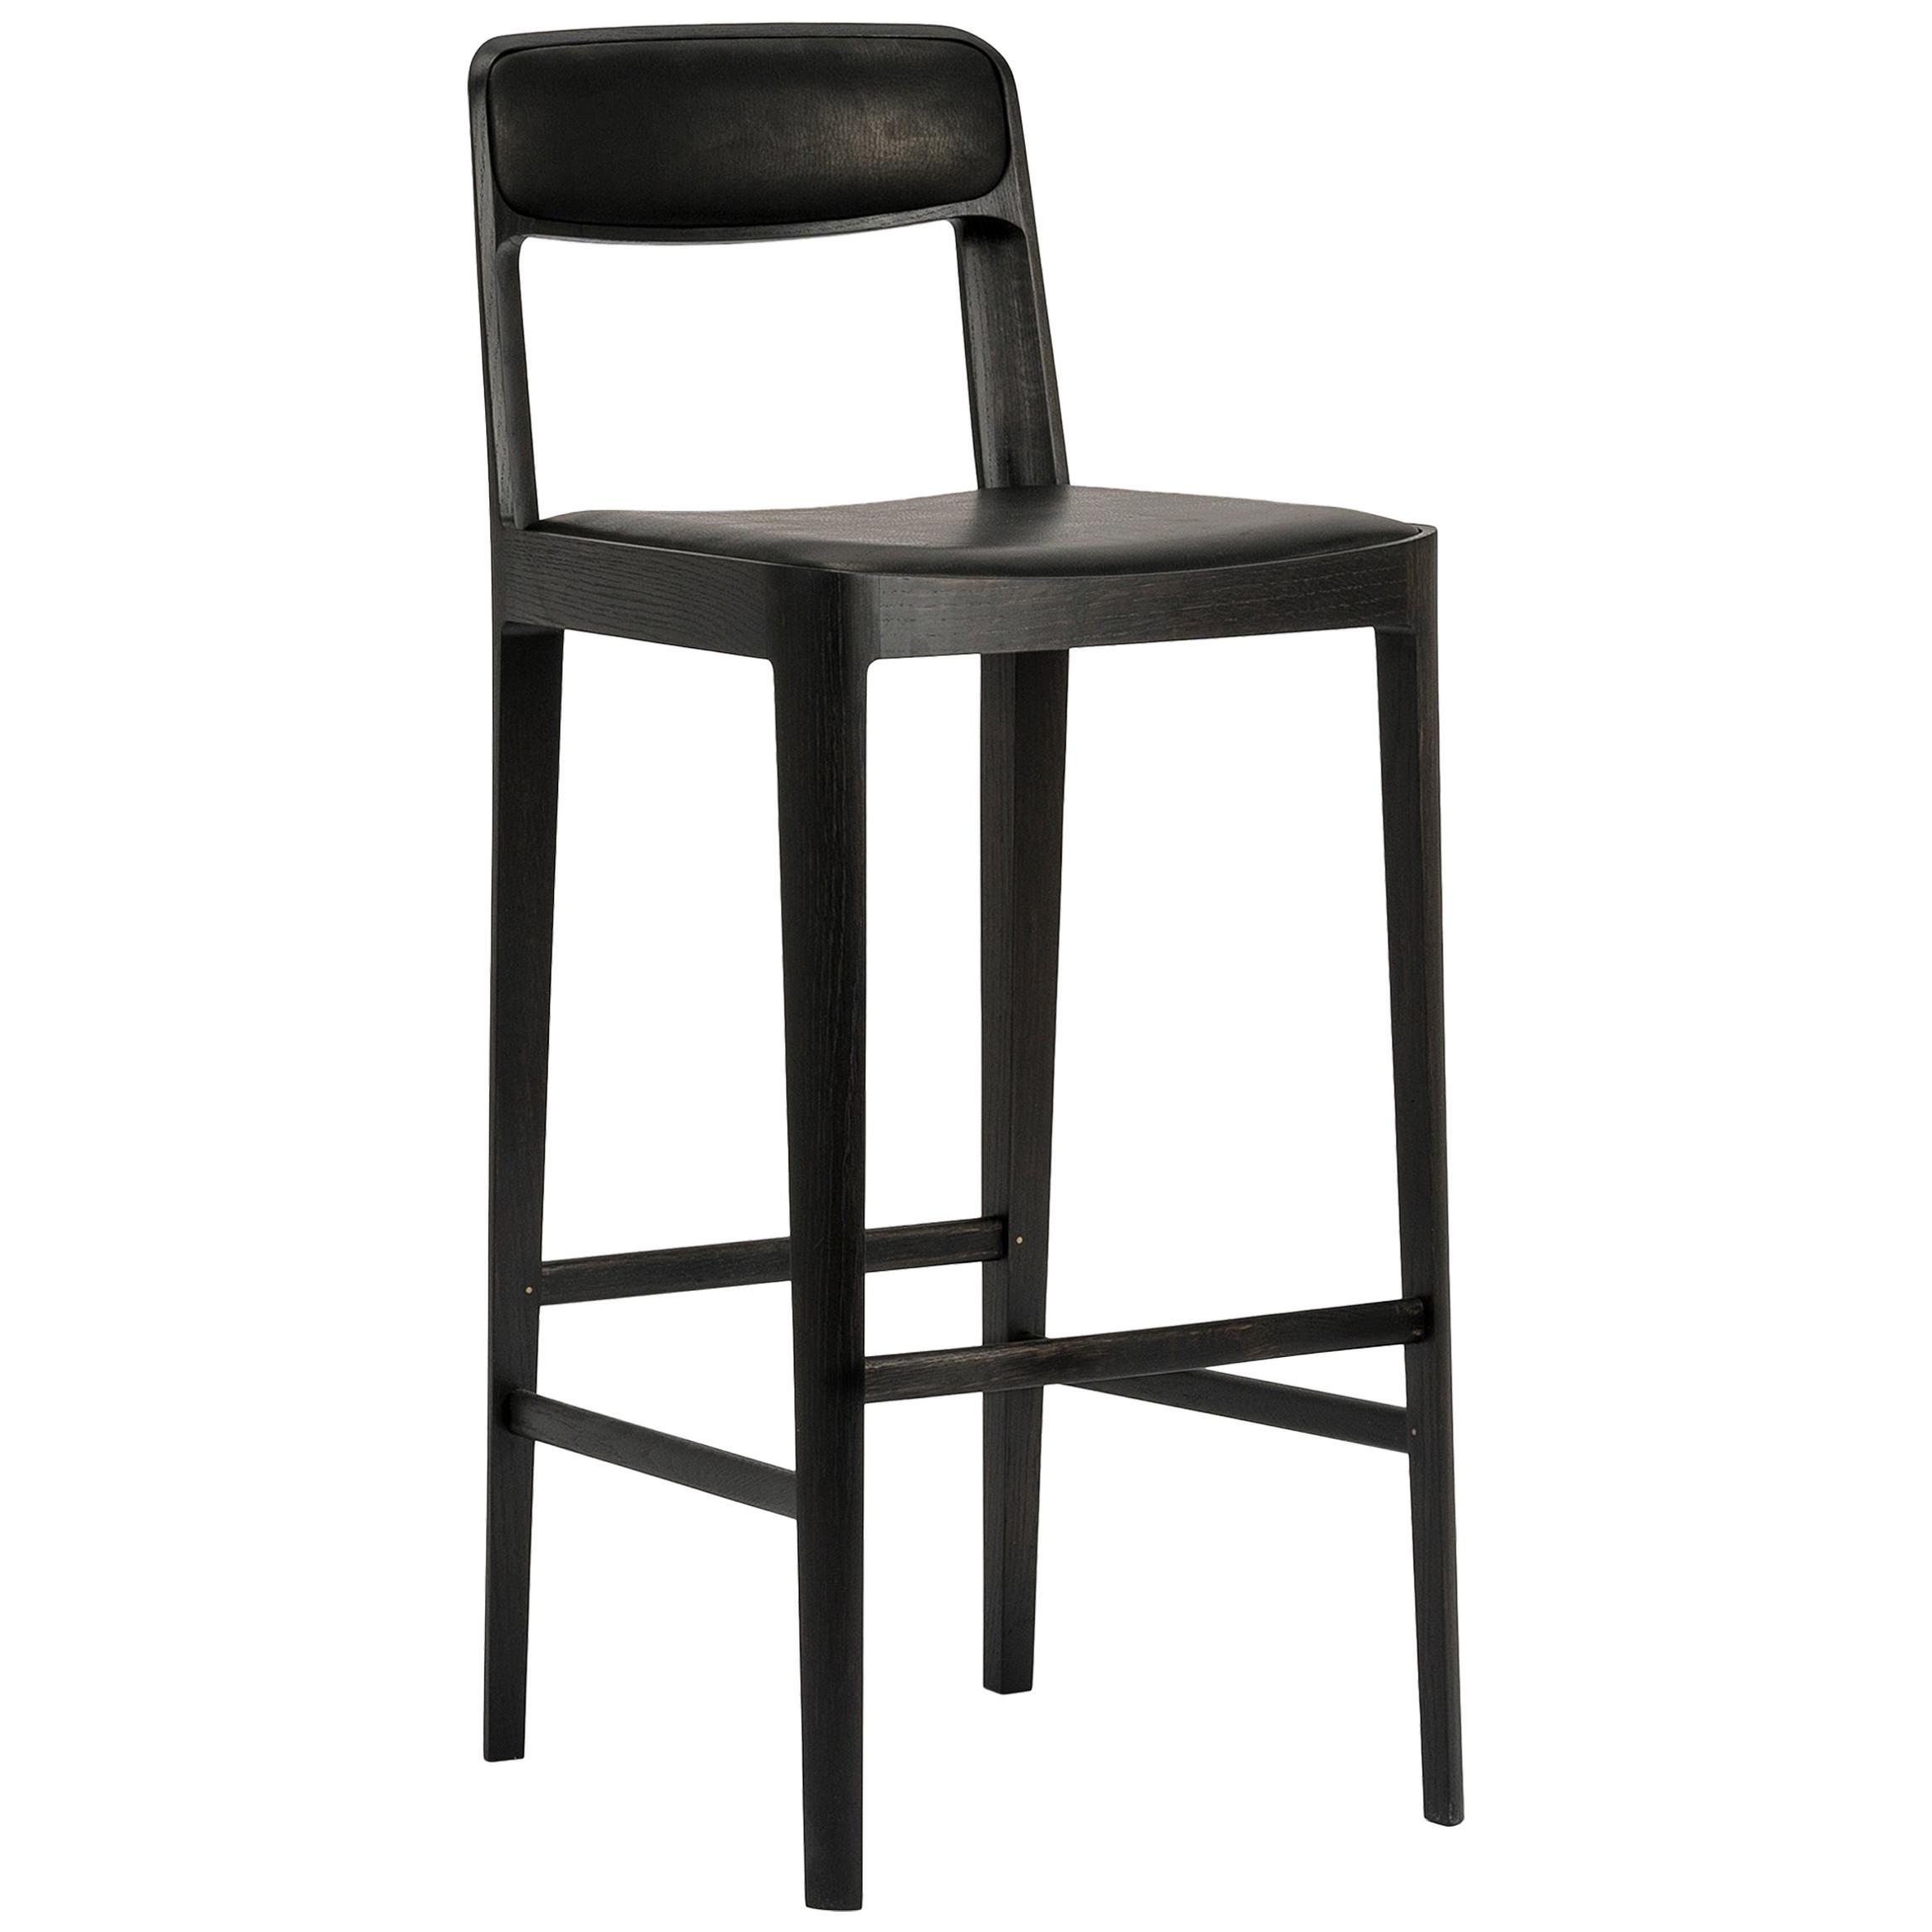 Linea Barstool, Ebonized Oak with Black Leather Upholstered Seat and Backrest